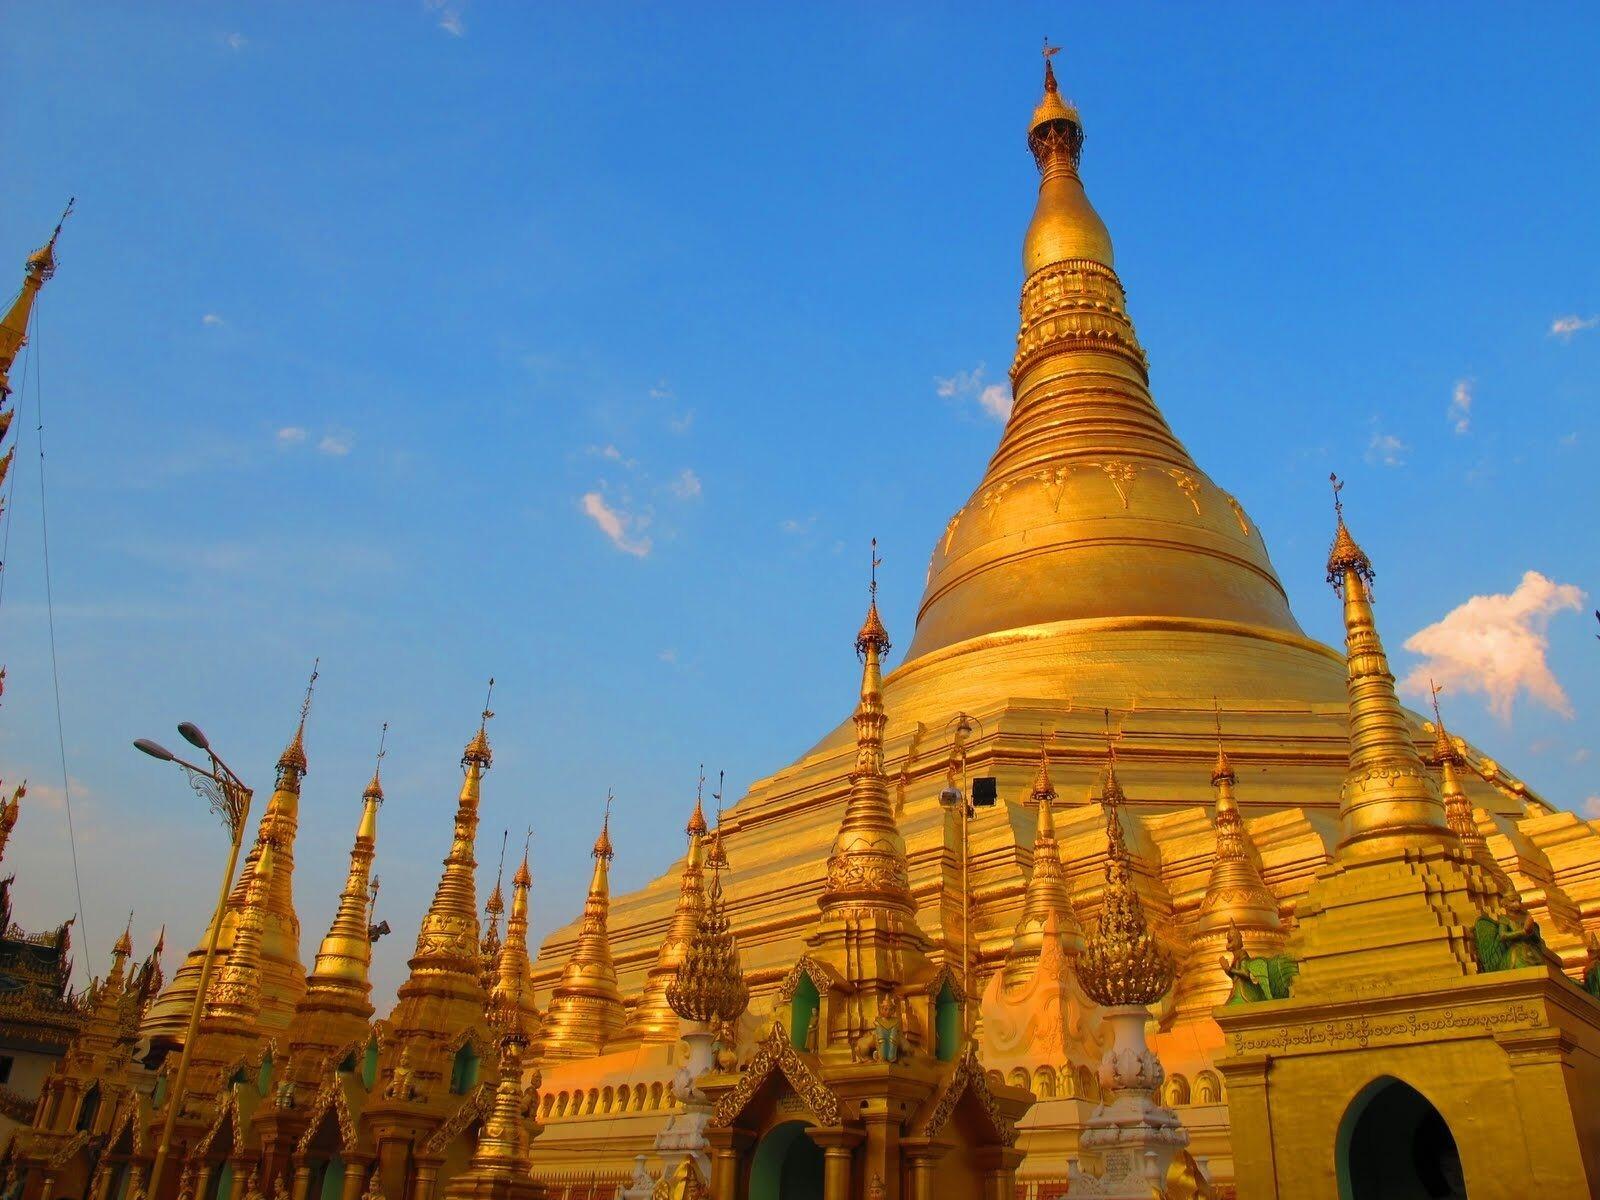 golden temple in myanmar wallpaper | hd wallpapers